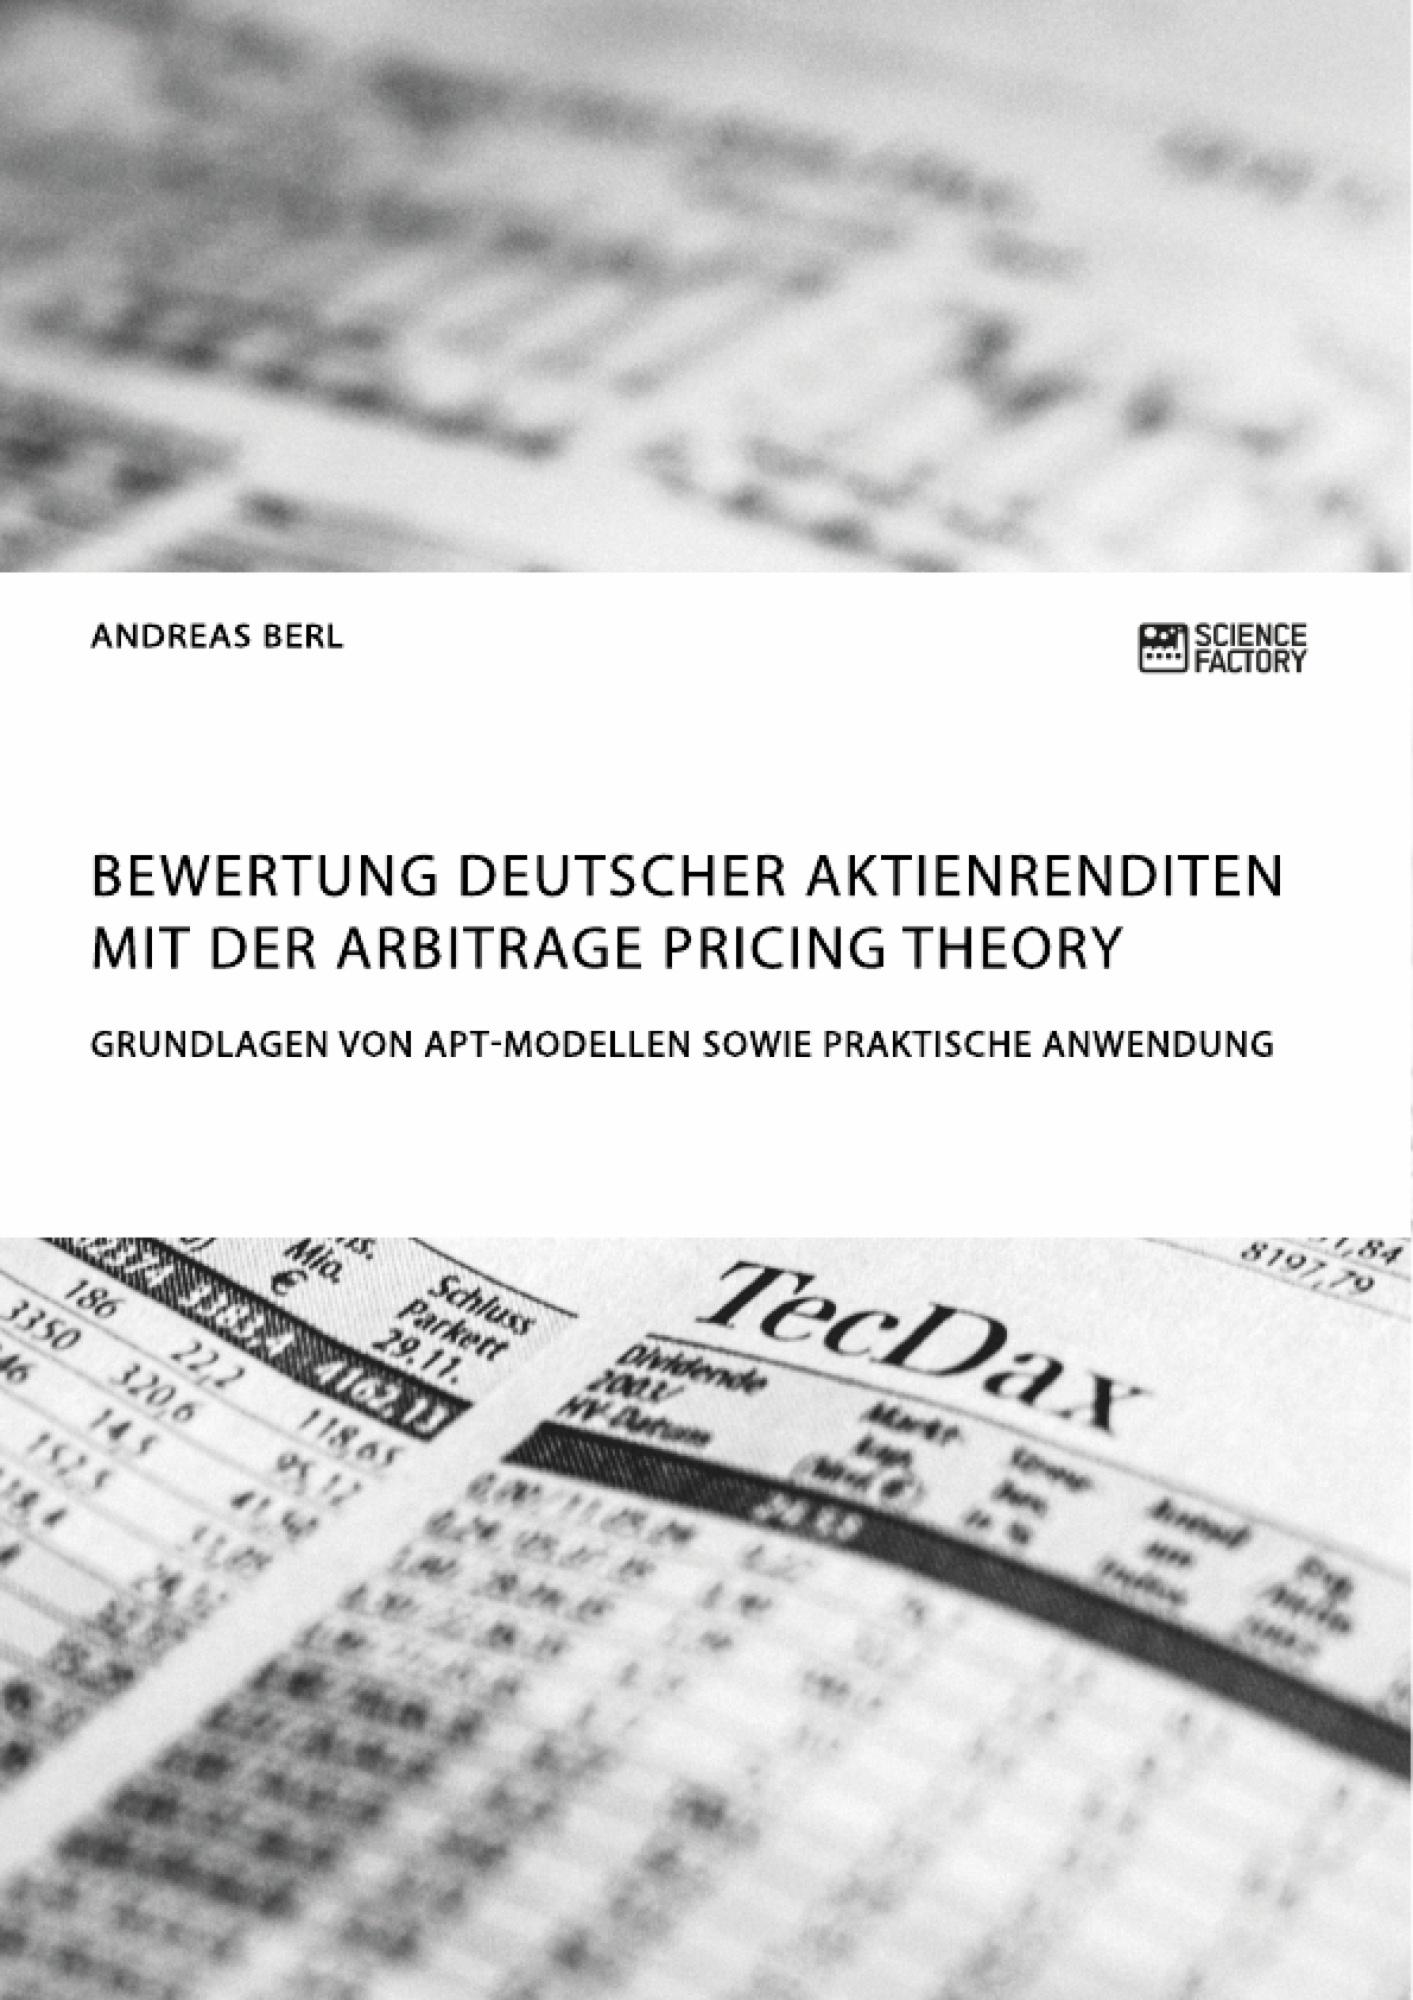 Titel: Bewertung deutscher Aktienrenditen mit der Arbitrage Pricing Theory. Grundlagen von APT-Modellen sowie praktische Anwendung